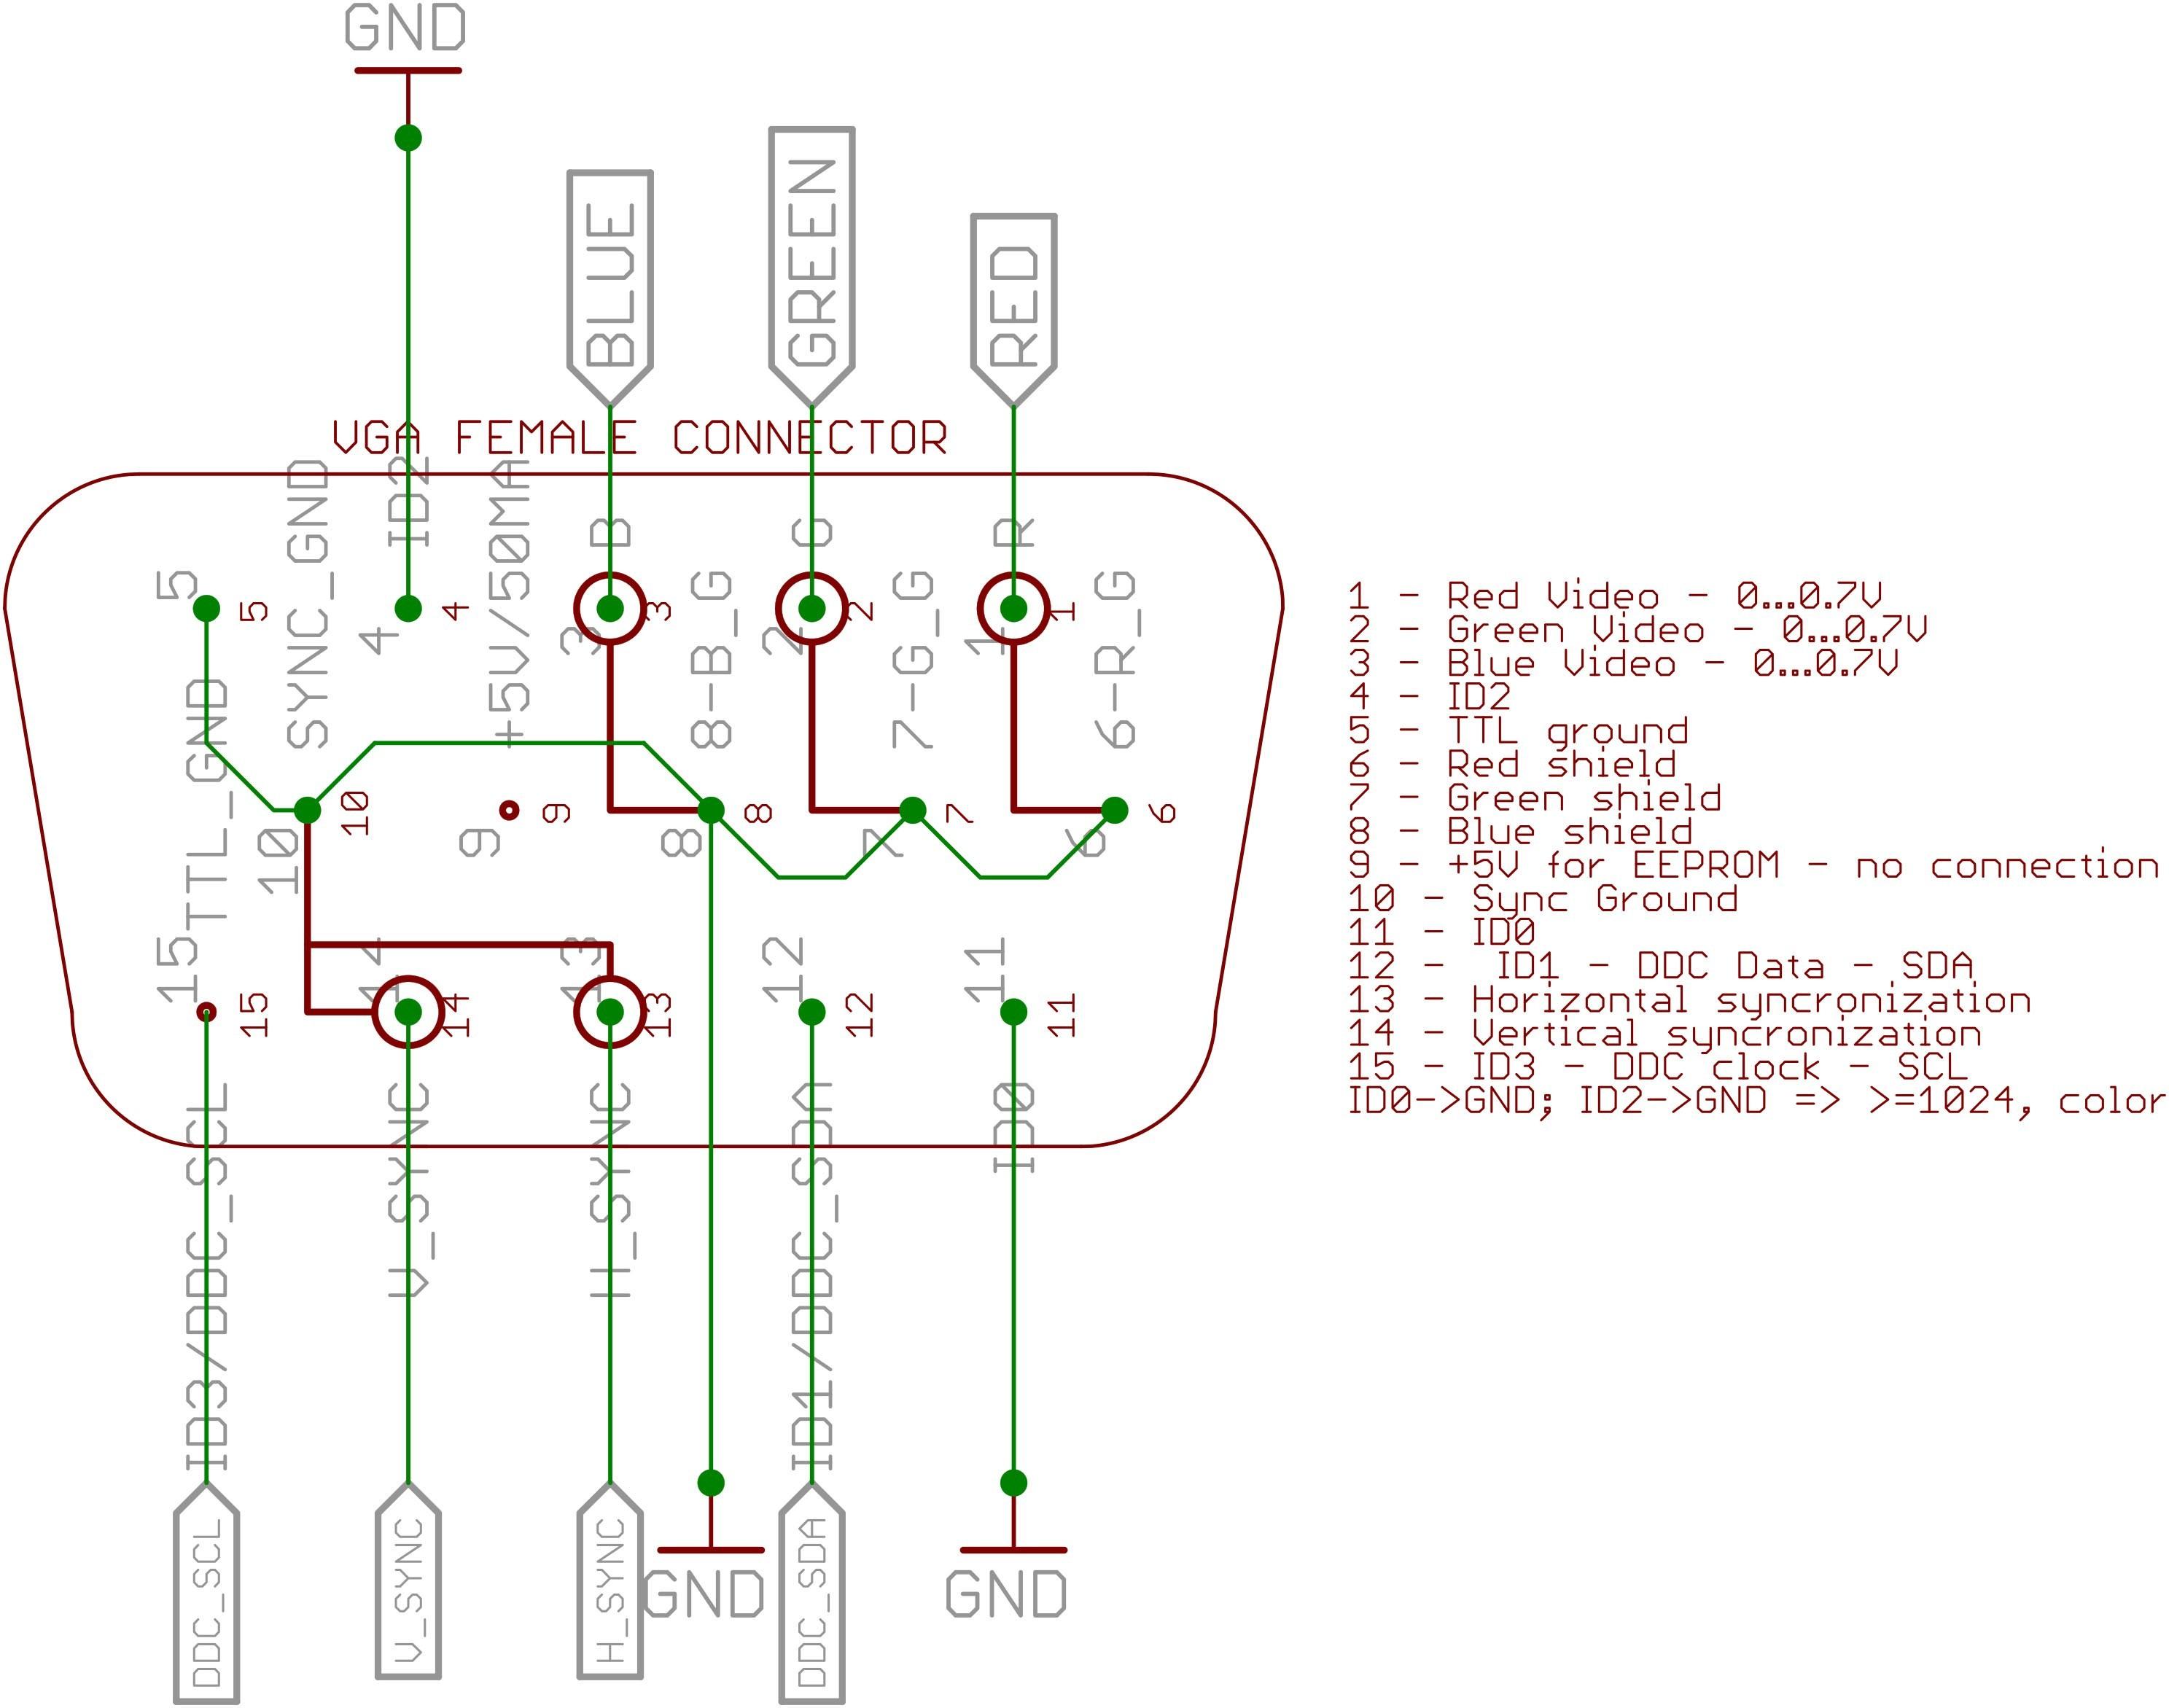 vga wiring diagram general wiring diagram information u2022 rh ethosguitars co uk vga cable pinout diagram dvi vga pinout diagram